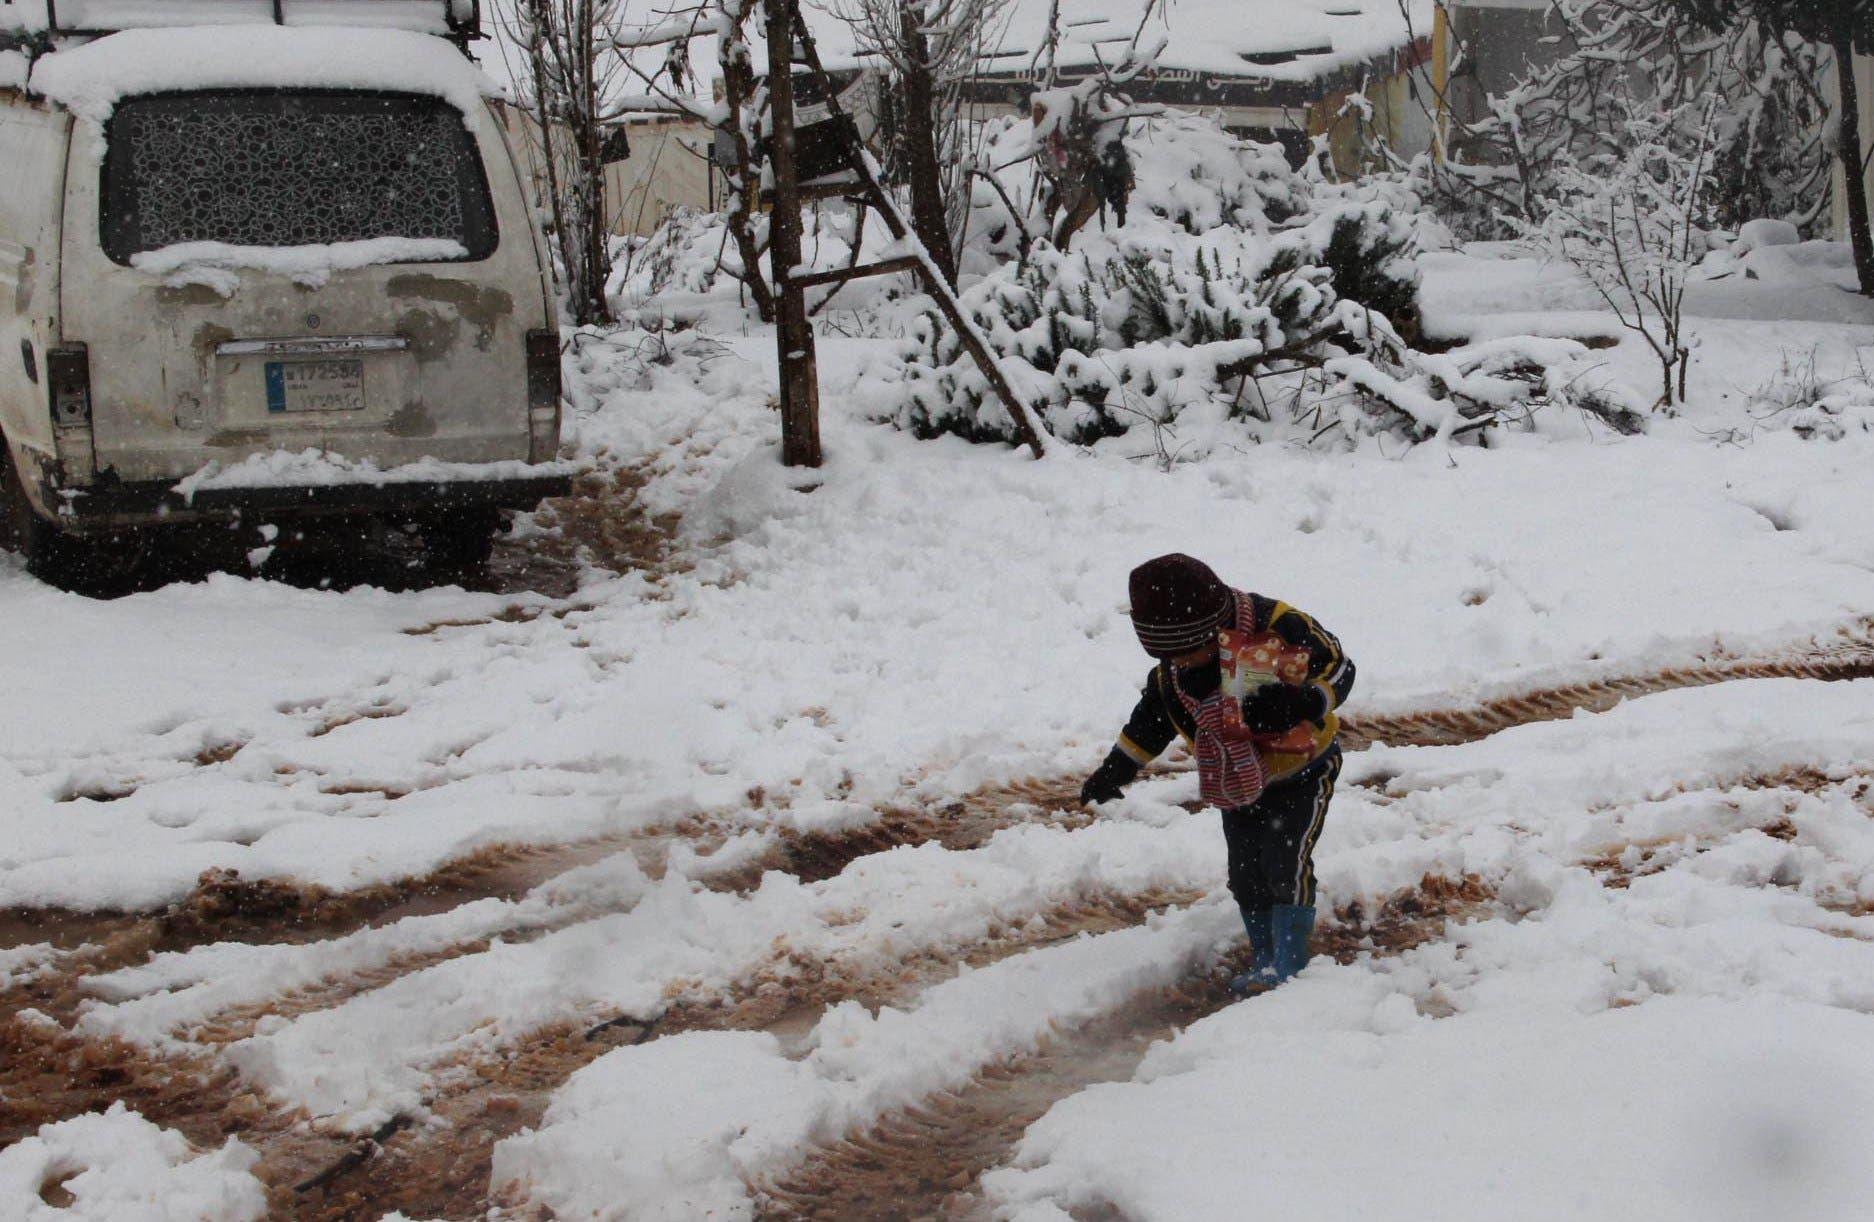 العاصفة الثلجية تجتاح خيام اللاجئين a0ecdb24-facb-4f28-9c7b-eee0f5b4de27.jpg